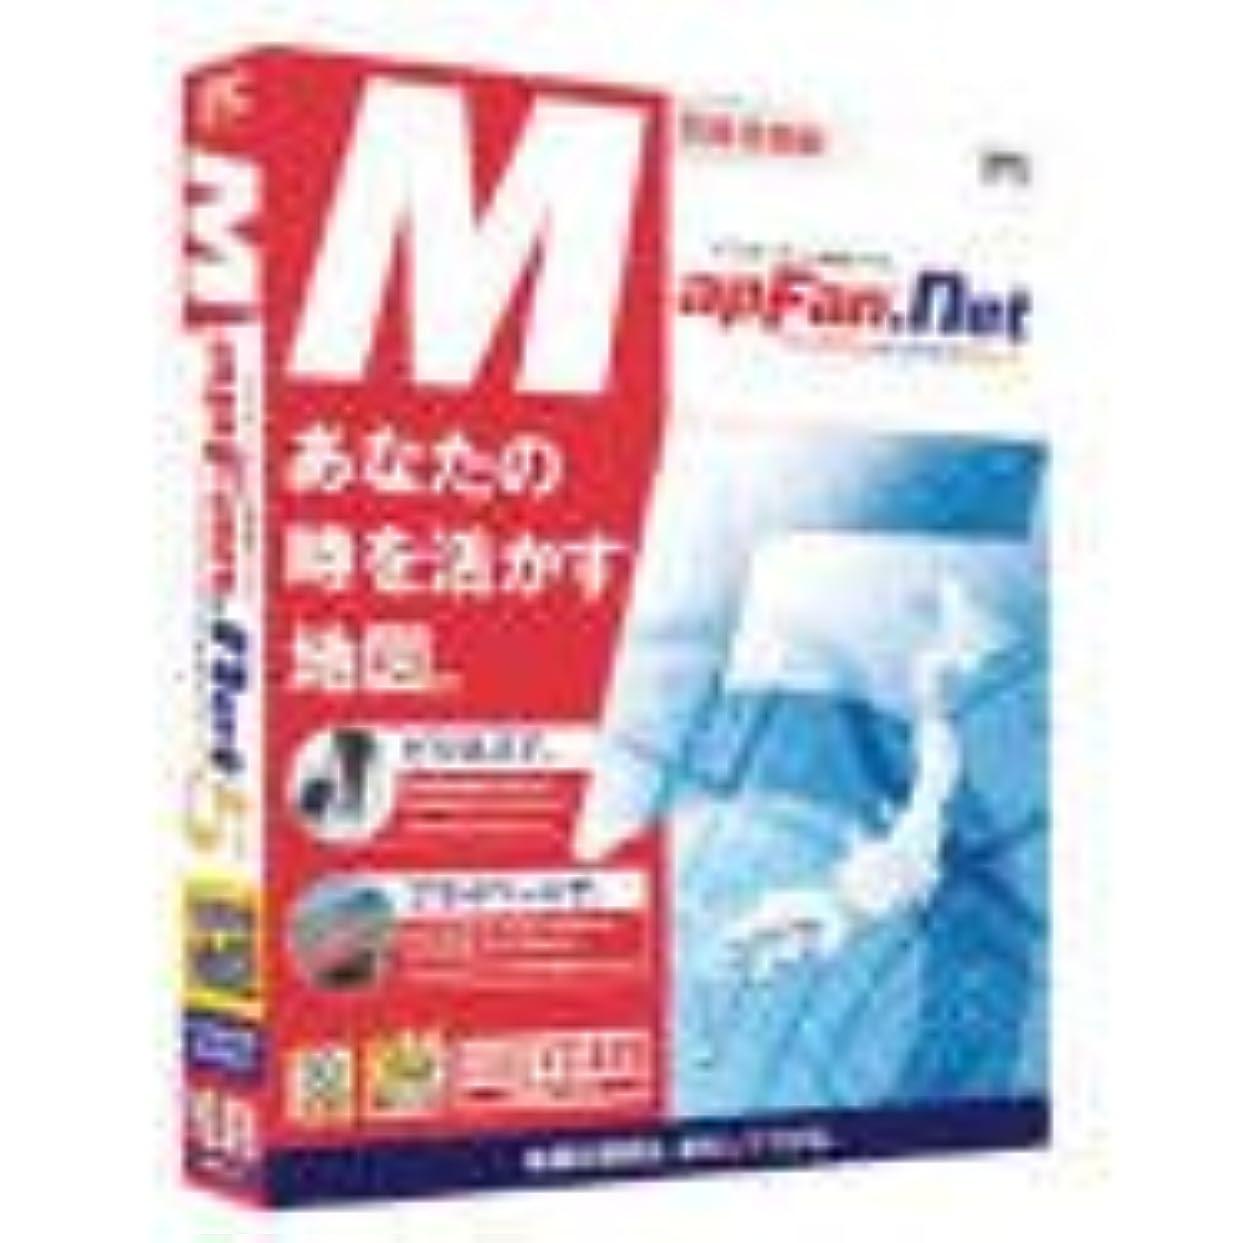 閲覧するバーベキュー比べるMapFan.net Ver5 パッケージ版